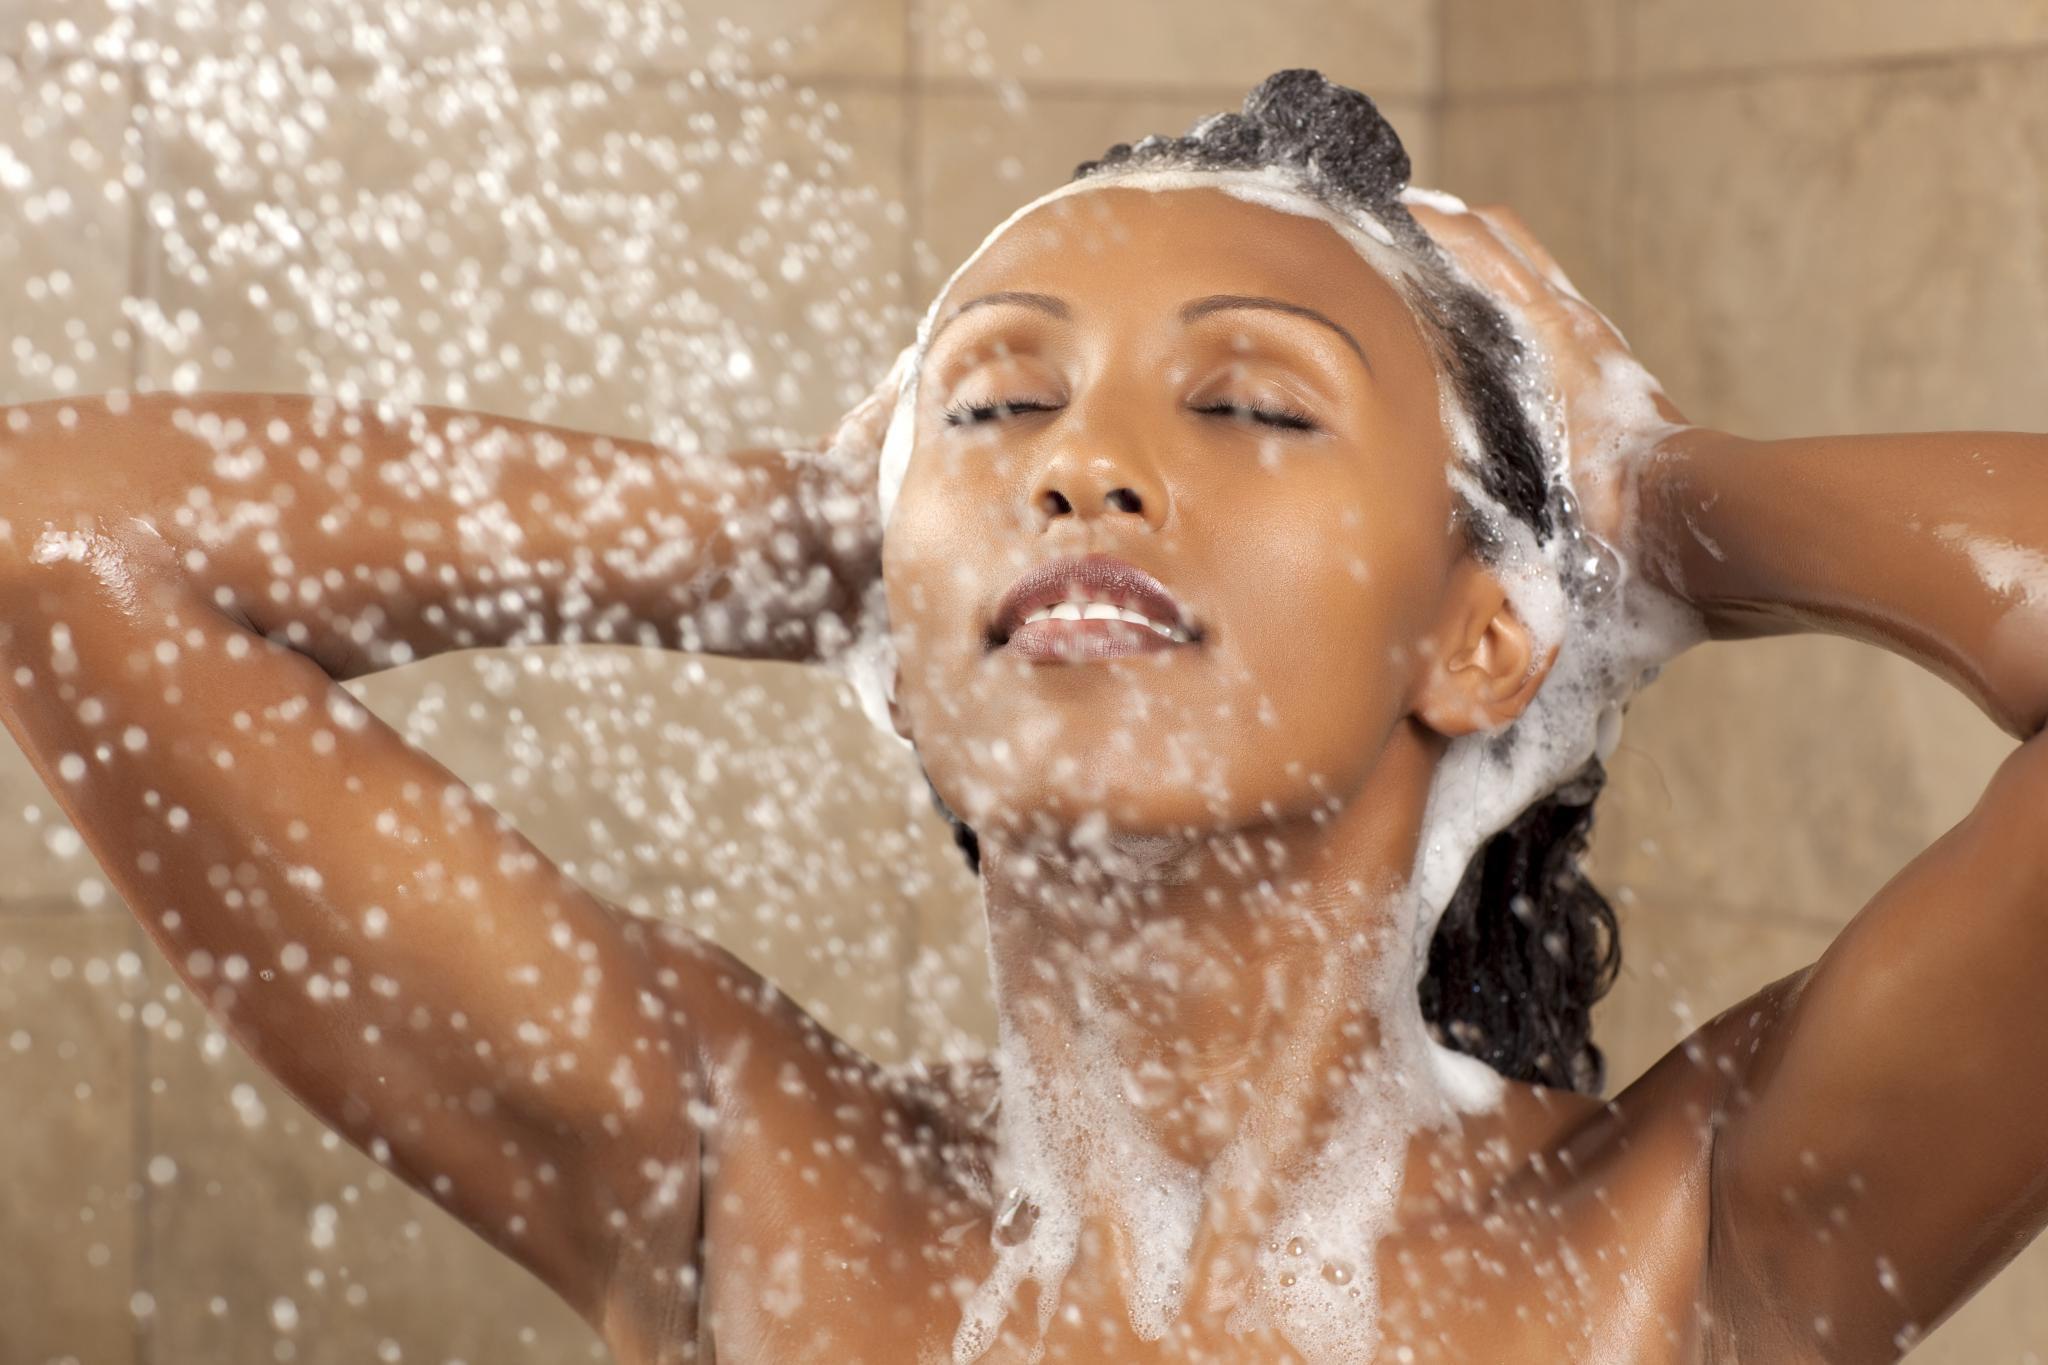 Bathing hot water in Kenya